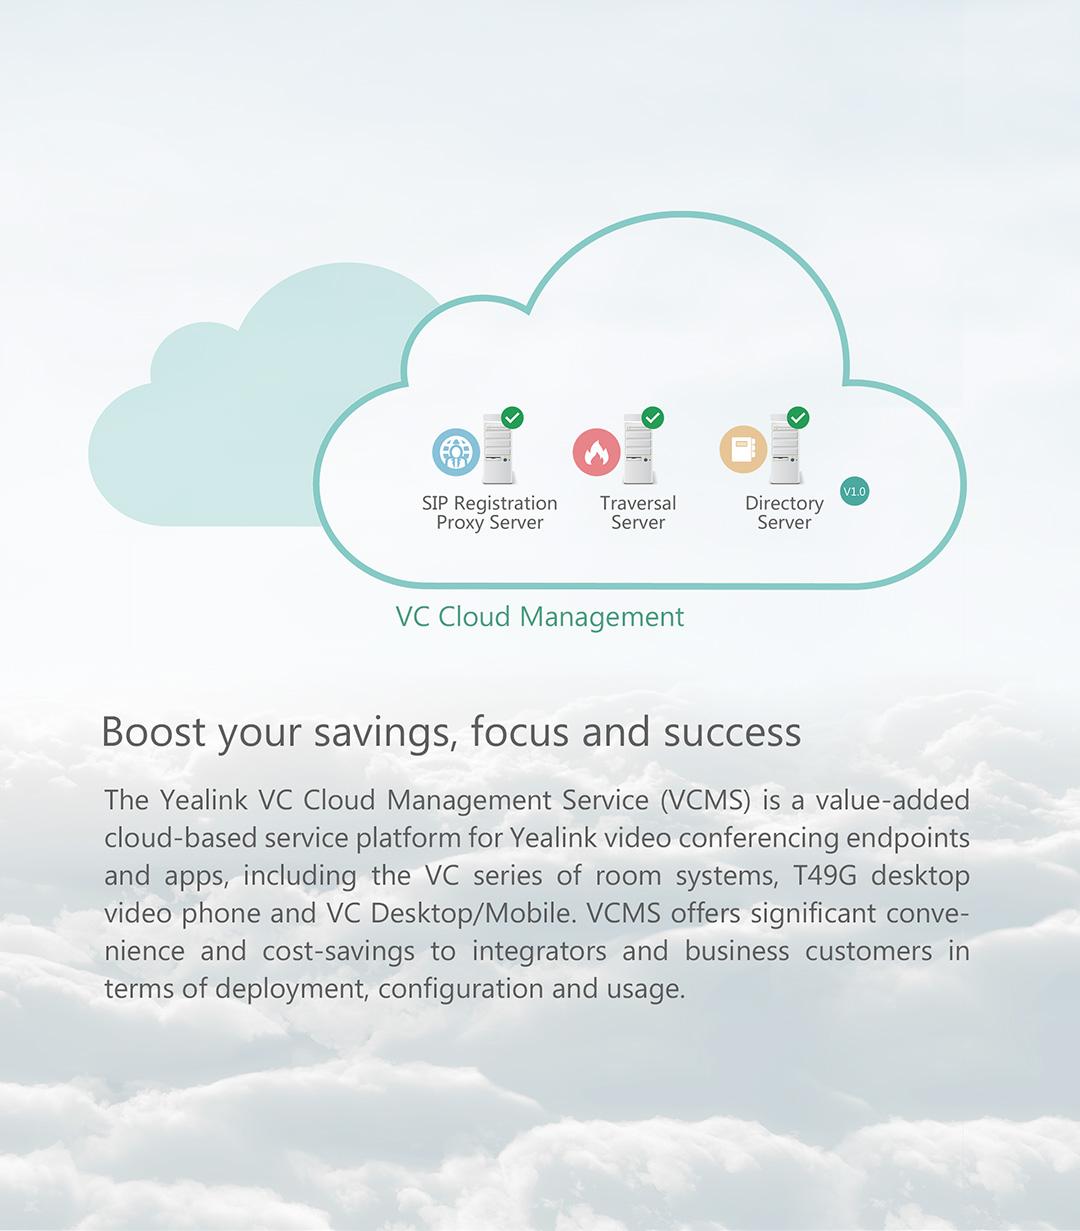 VC Cloud Management_VC Cloud Management_Products_Yealink   UC&C